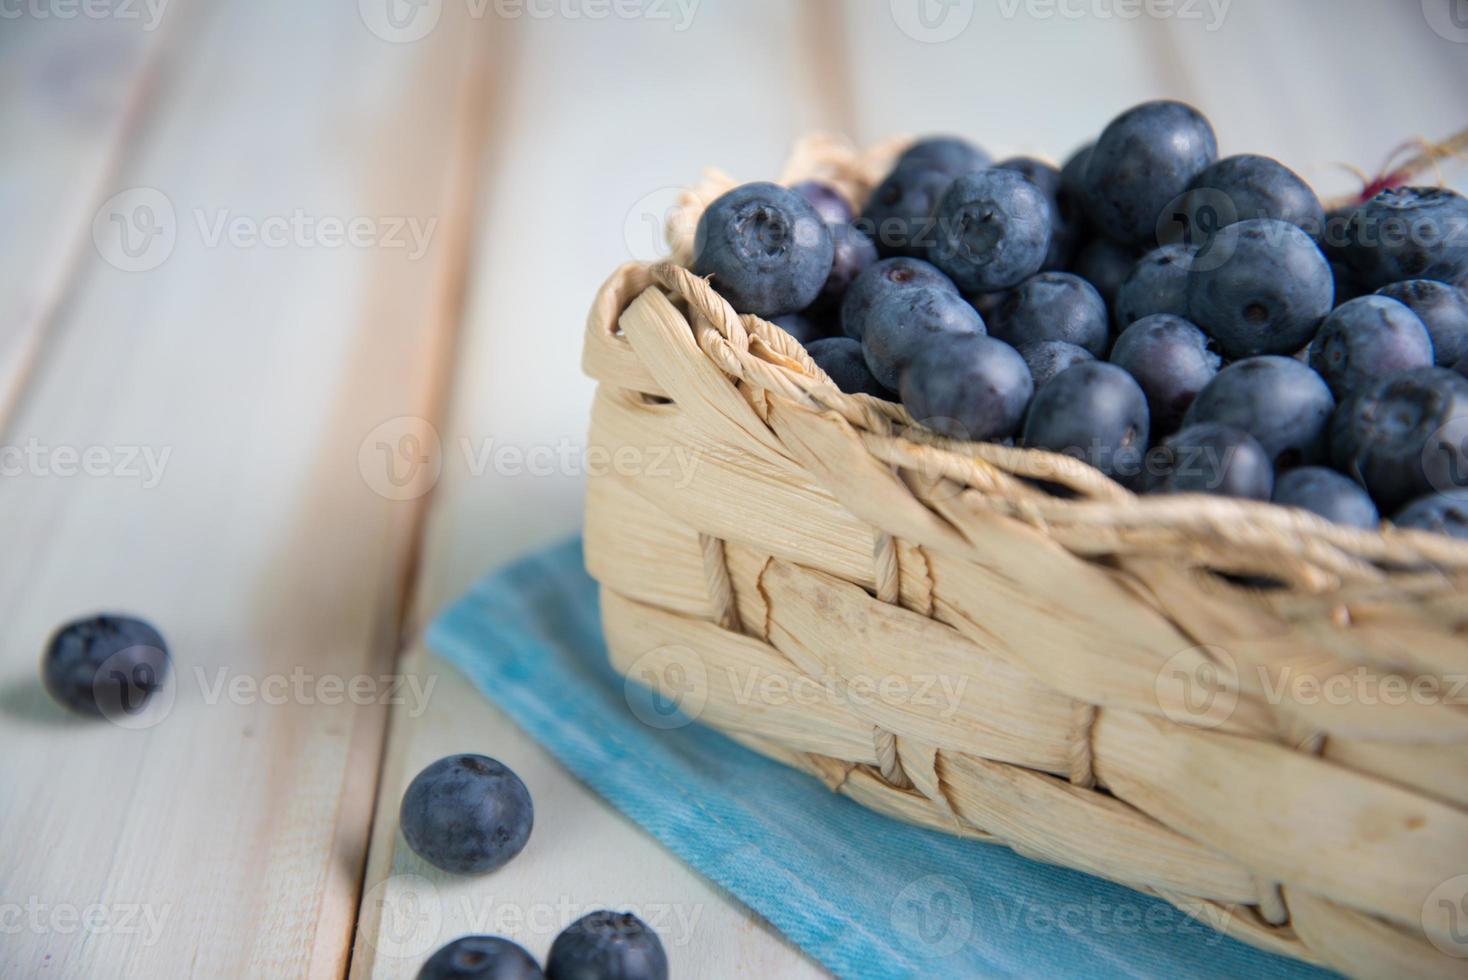 arándanos frescos en la cesta en la mesa de la cocina foto